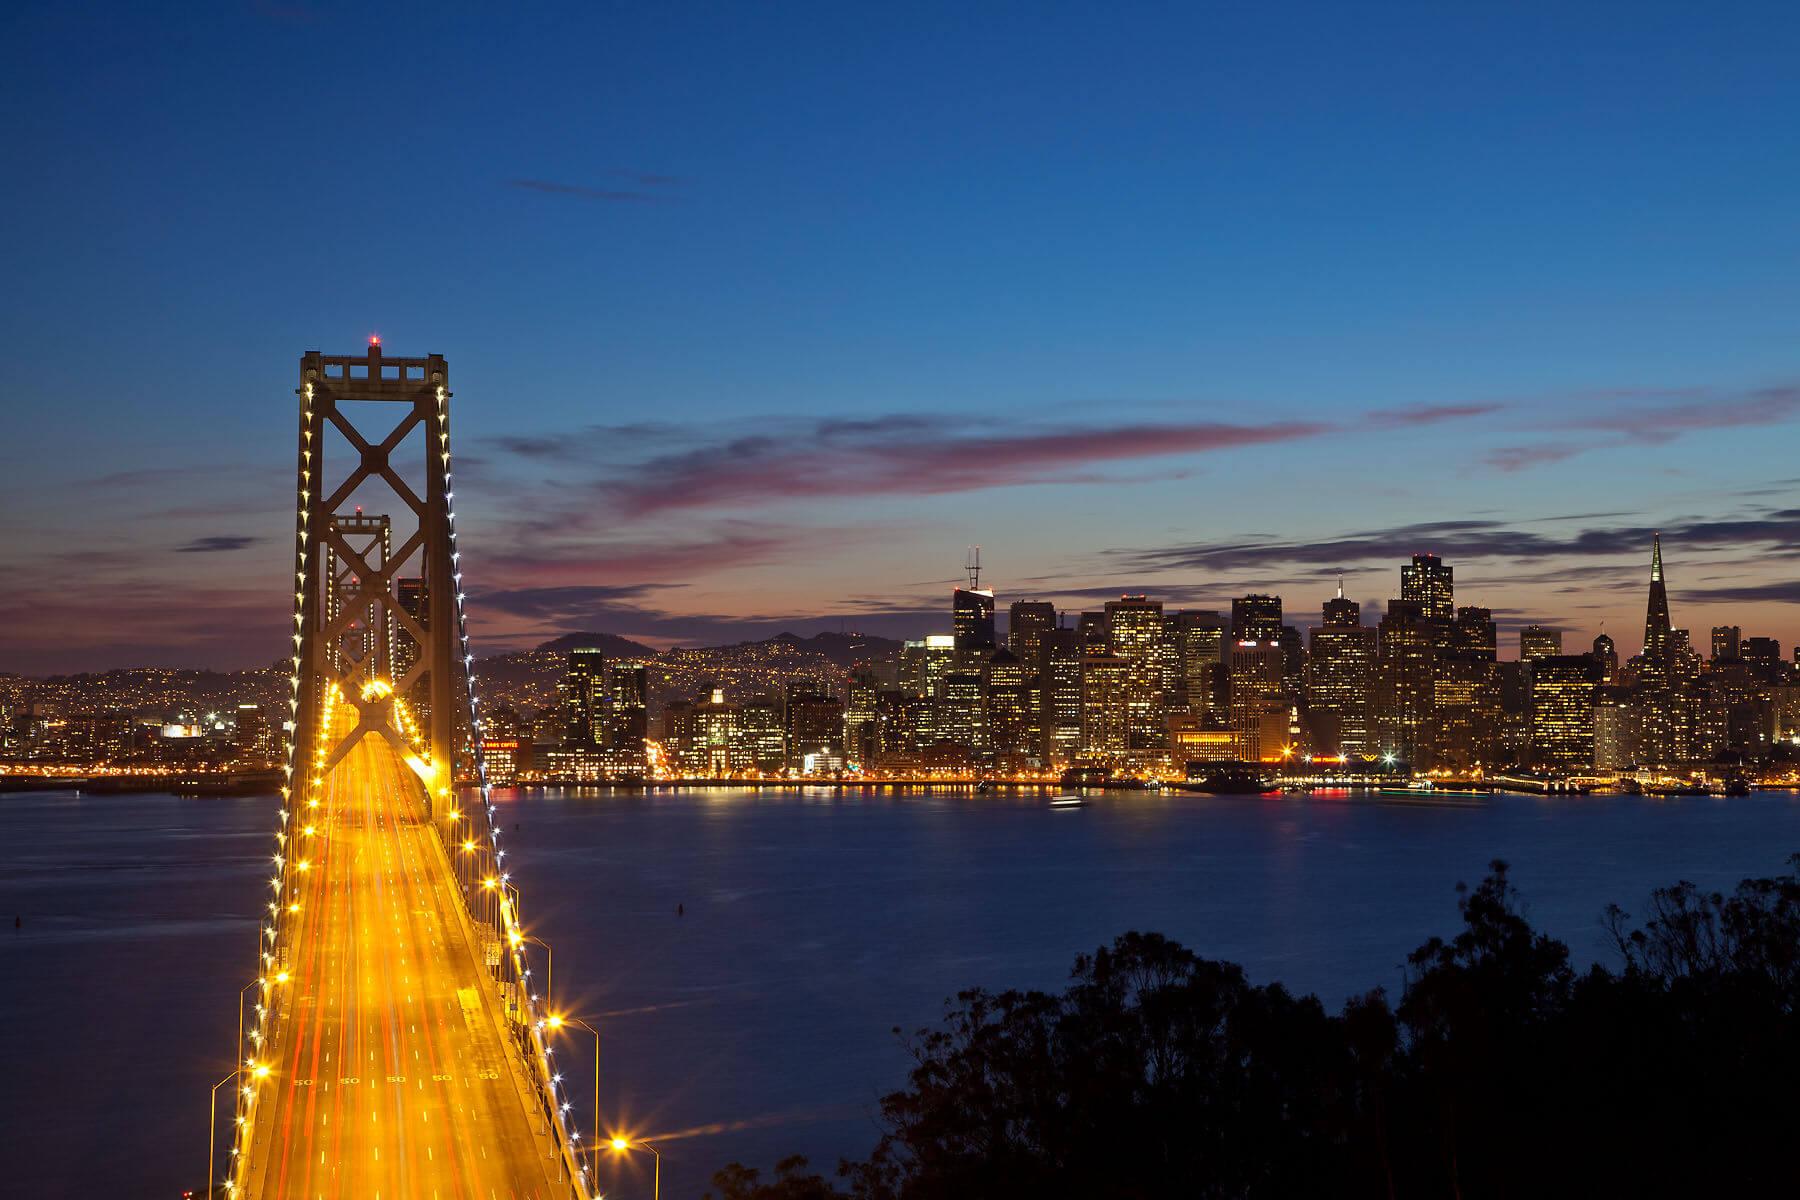 Φθηνές πτήσεις προς Σαν Φρανσίσκο